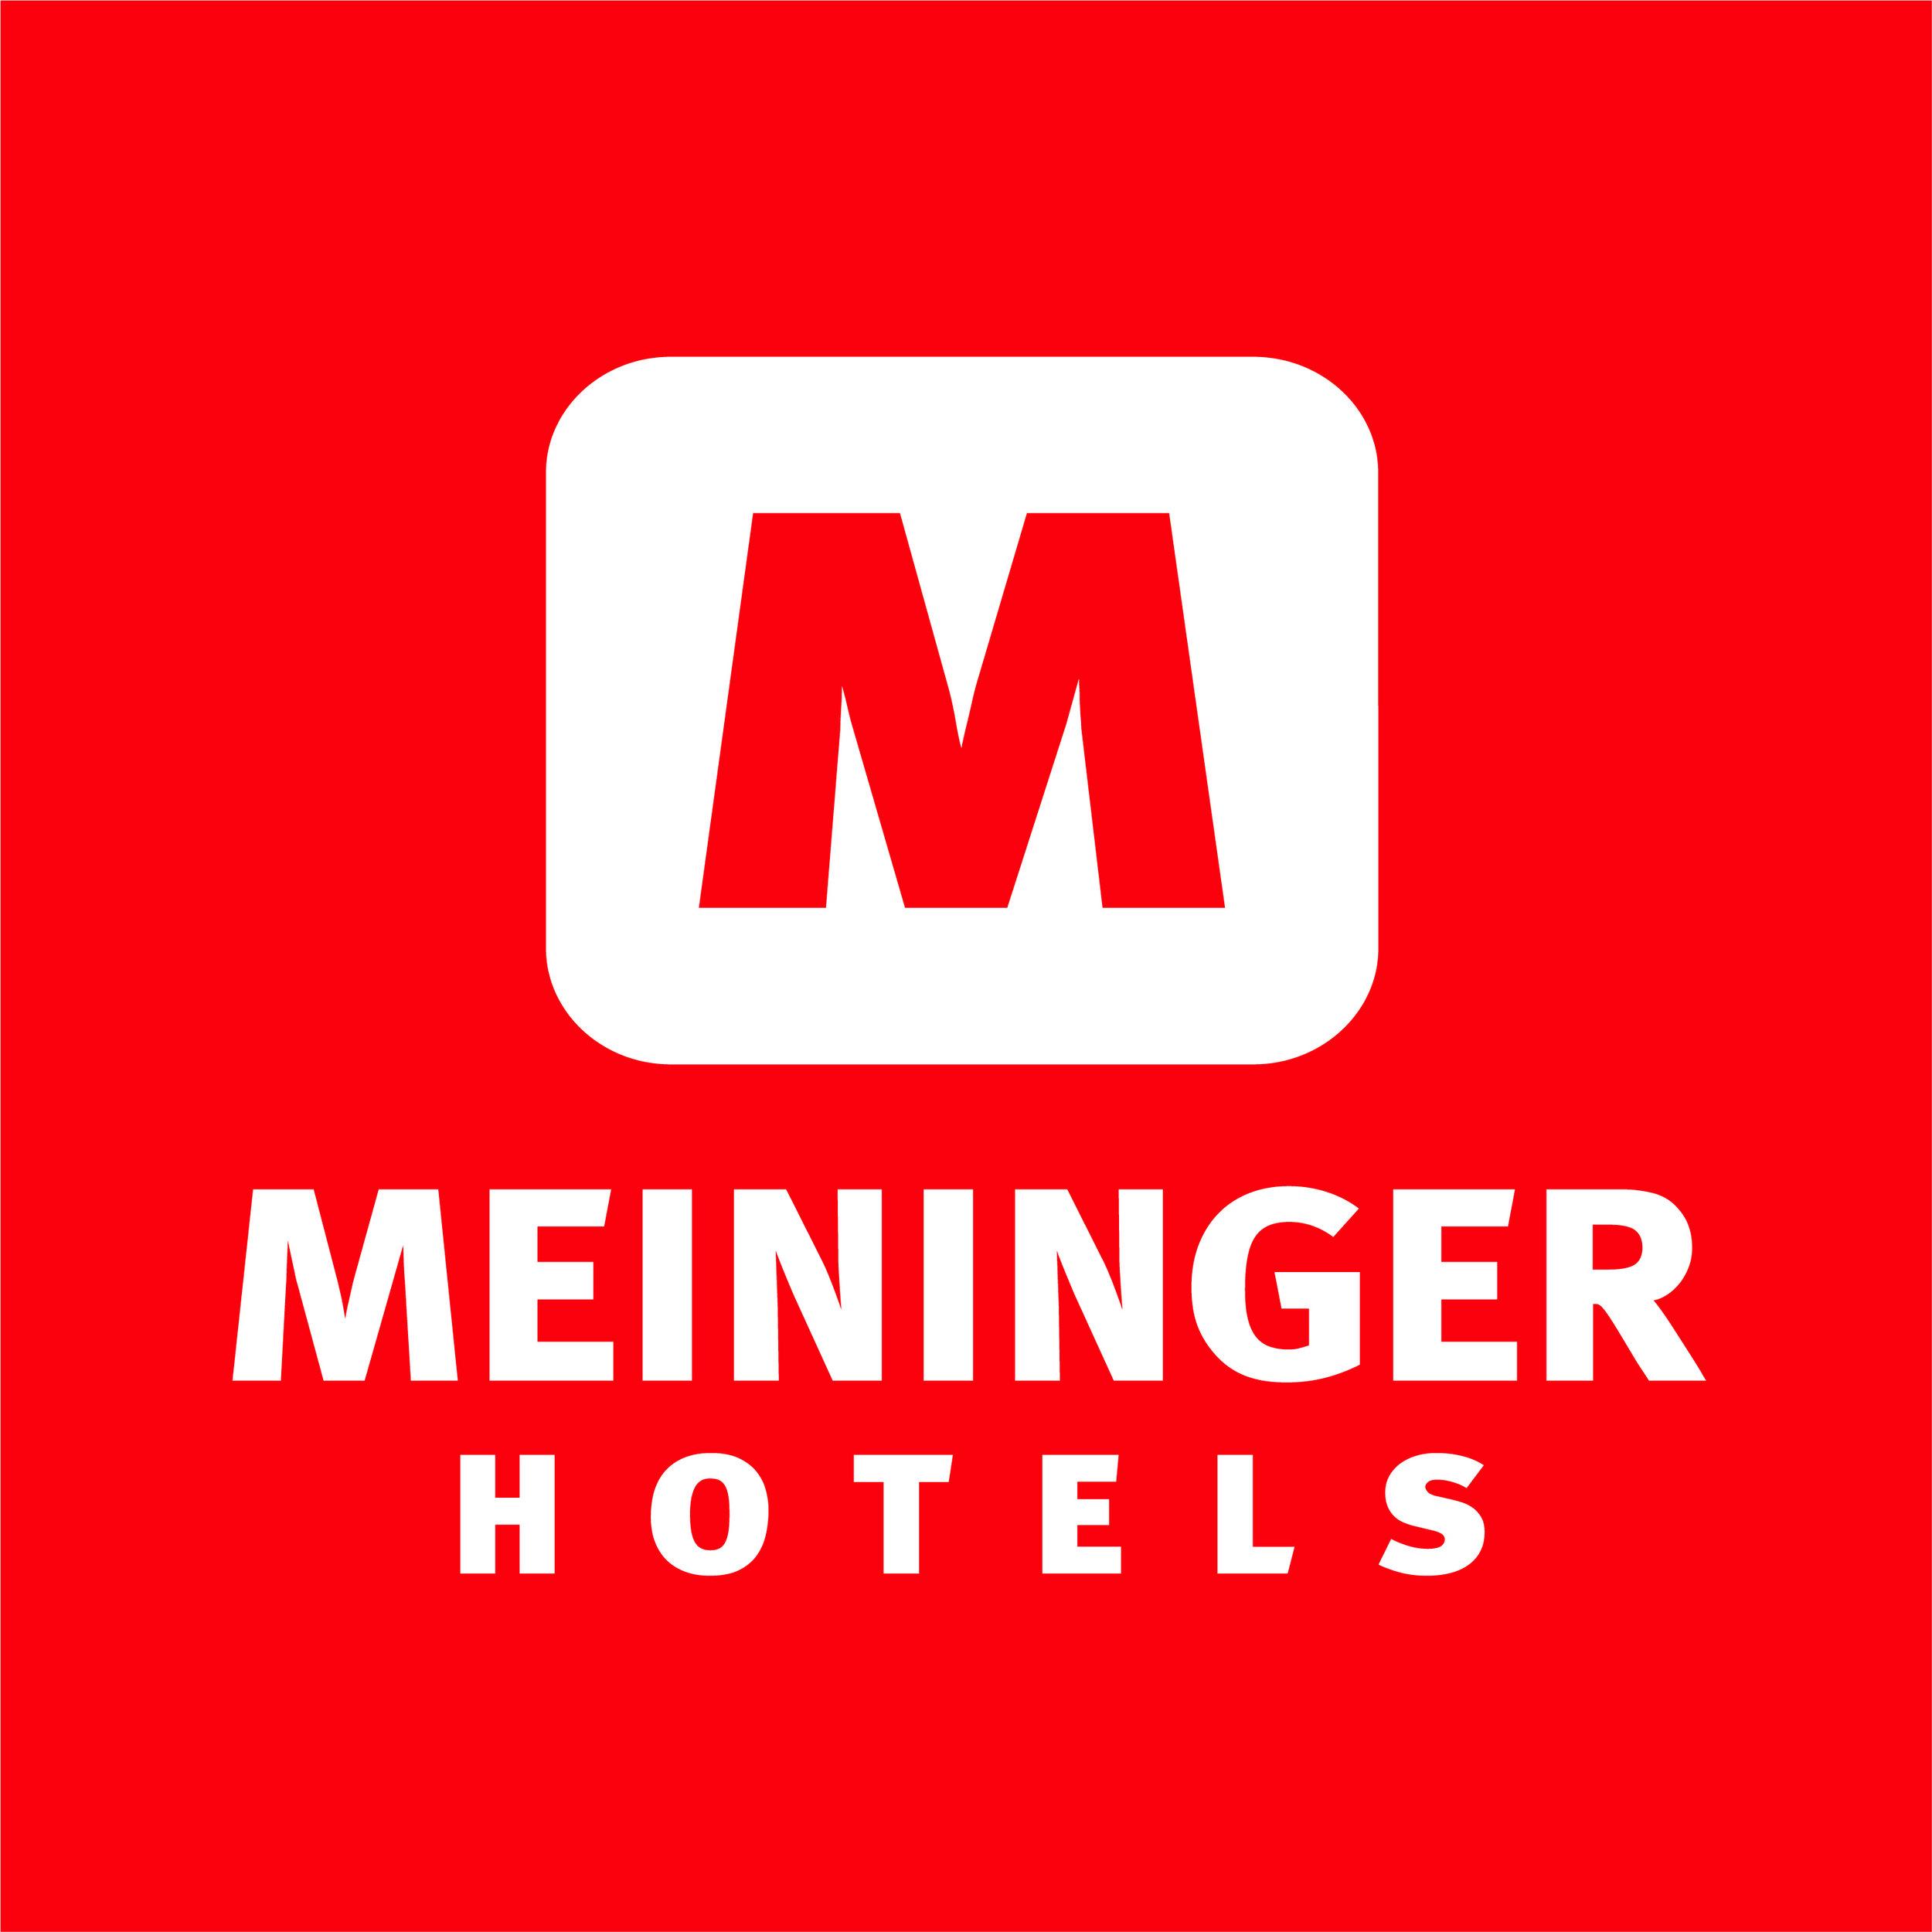 MEININGER_Hotels_Logo_Box_Red_BG.jpg